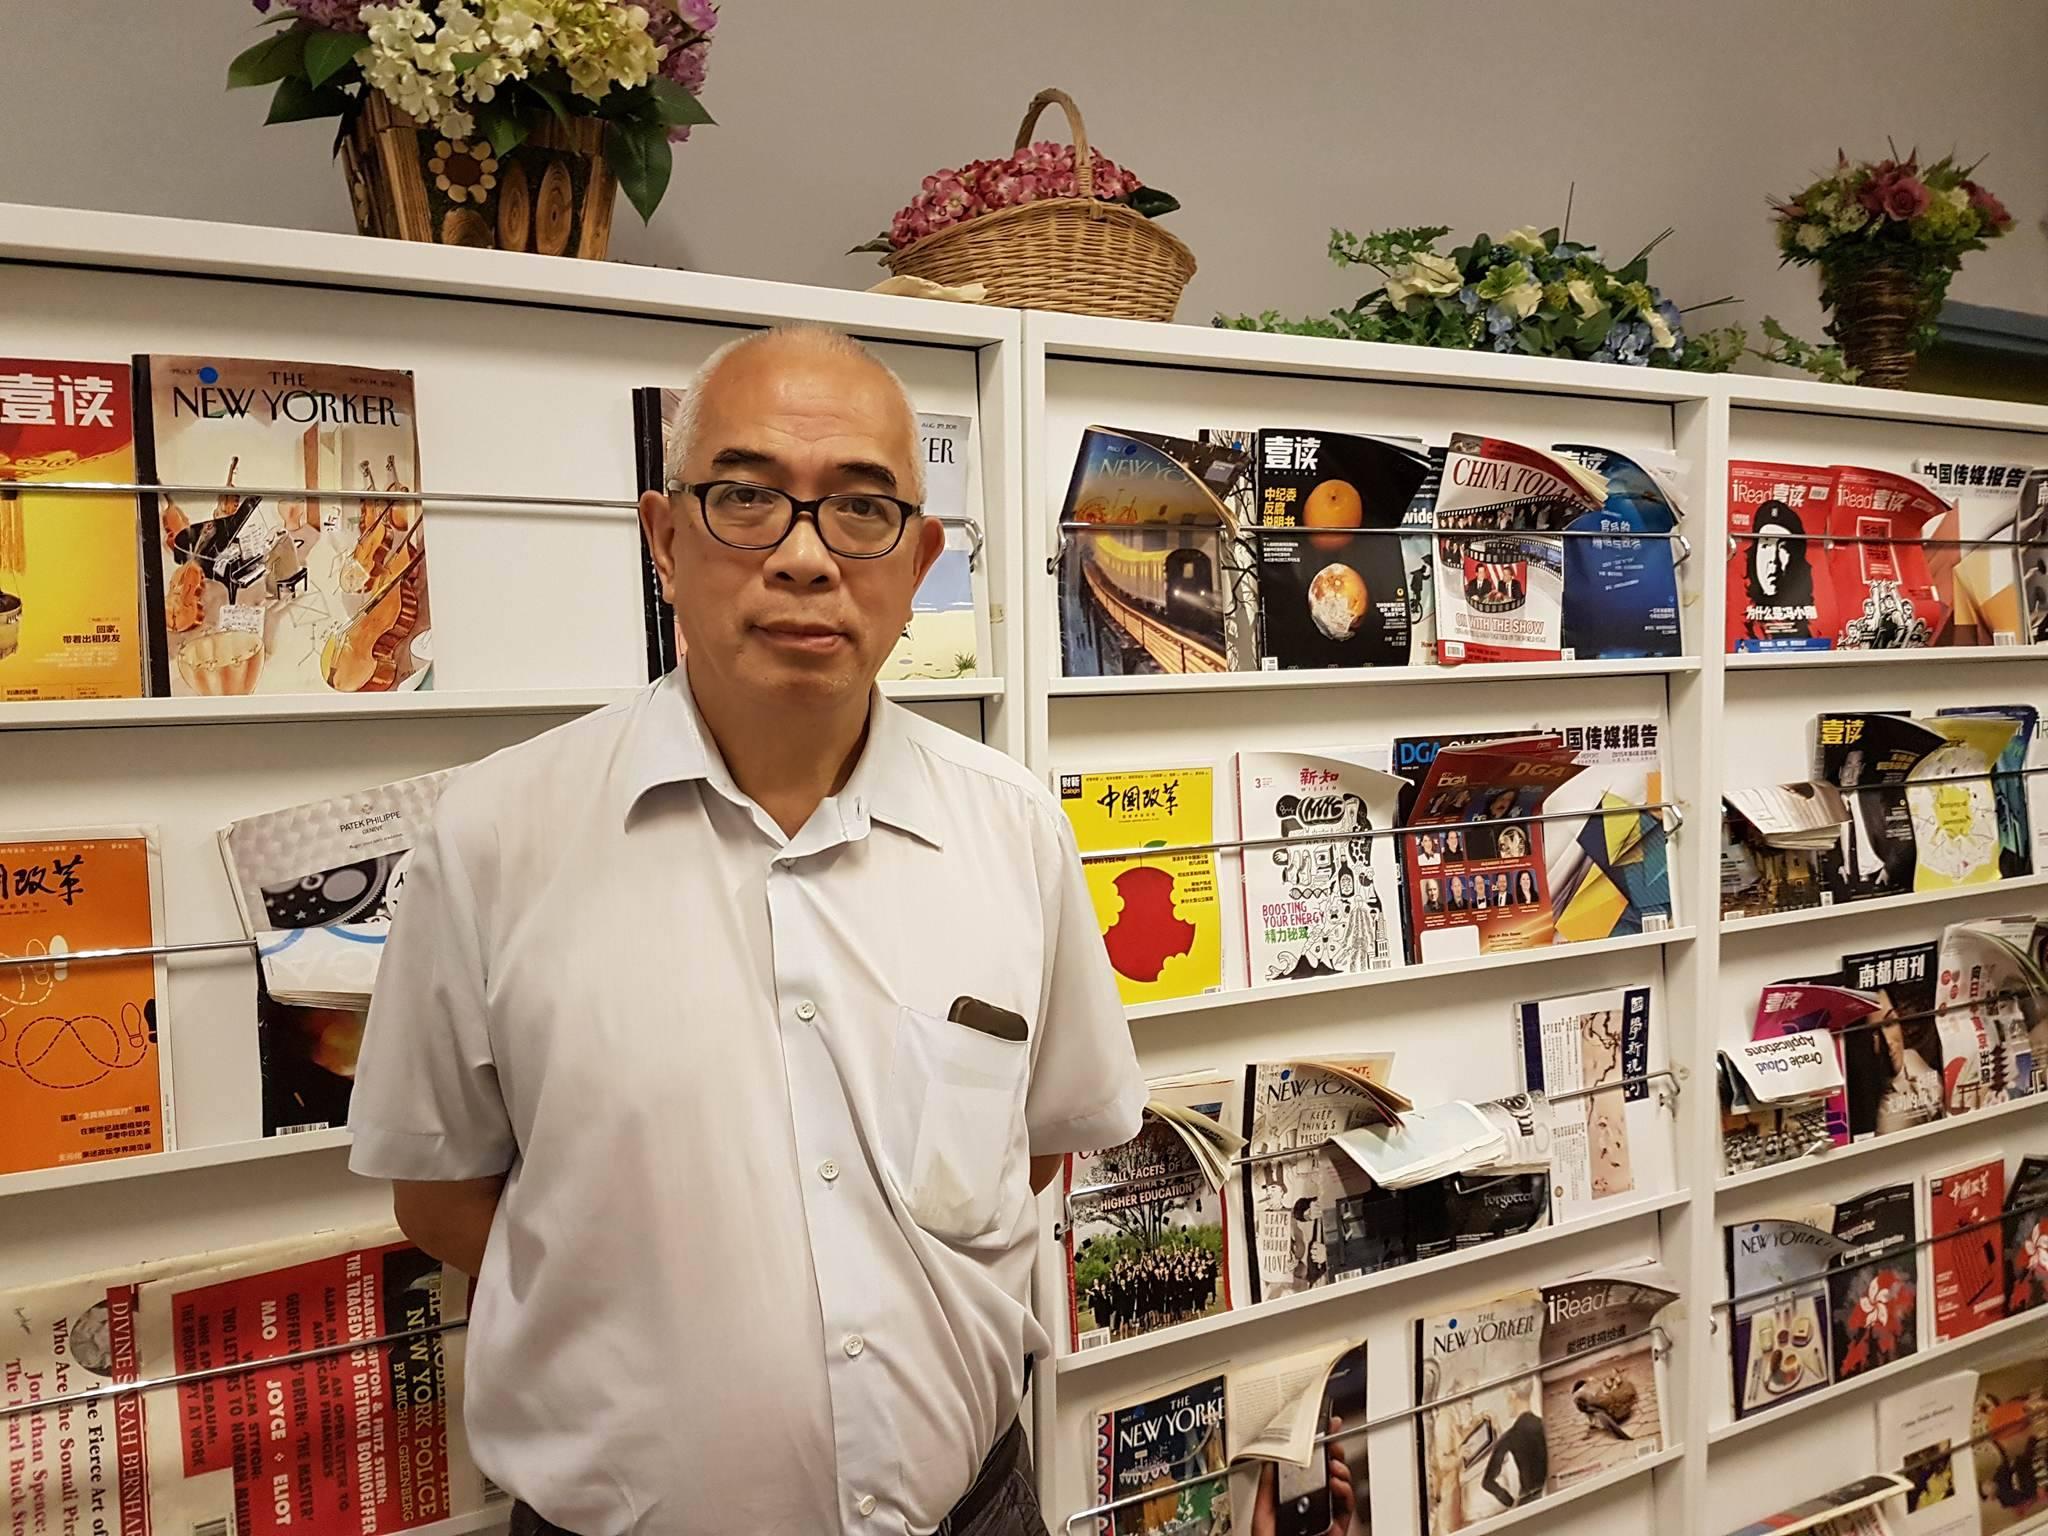 程翔被捕前曾任職《文匯報》及新加坡《海峽時報》,疾筆書寫多年。